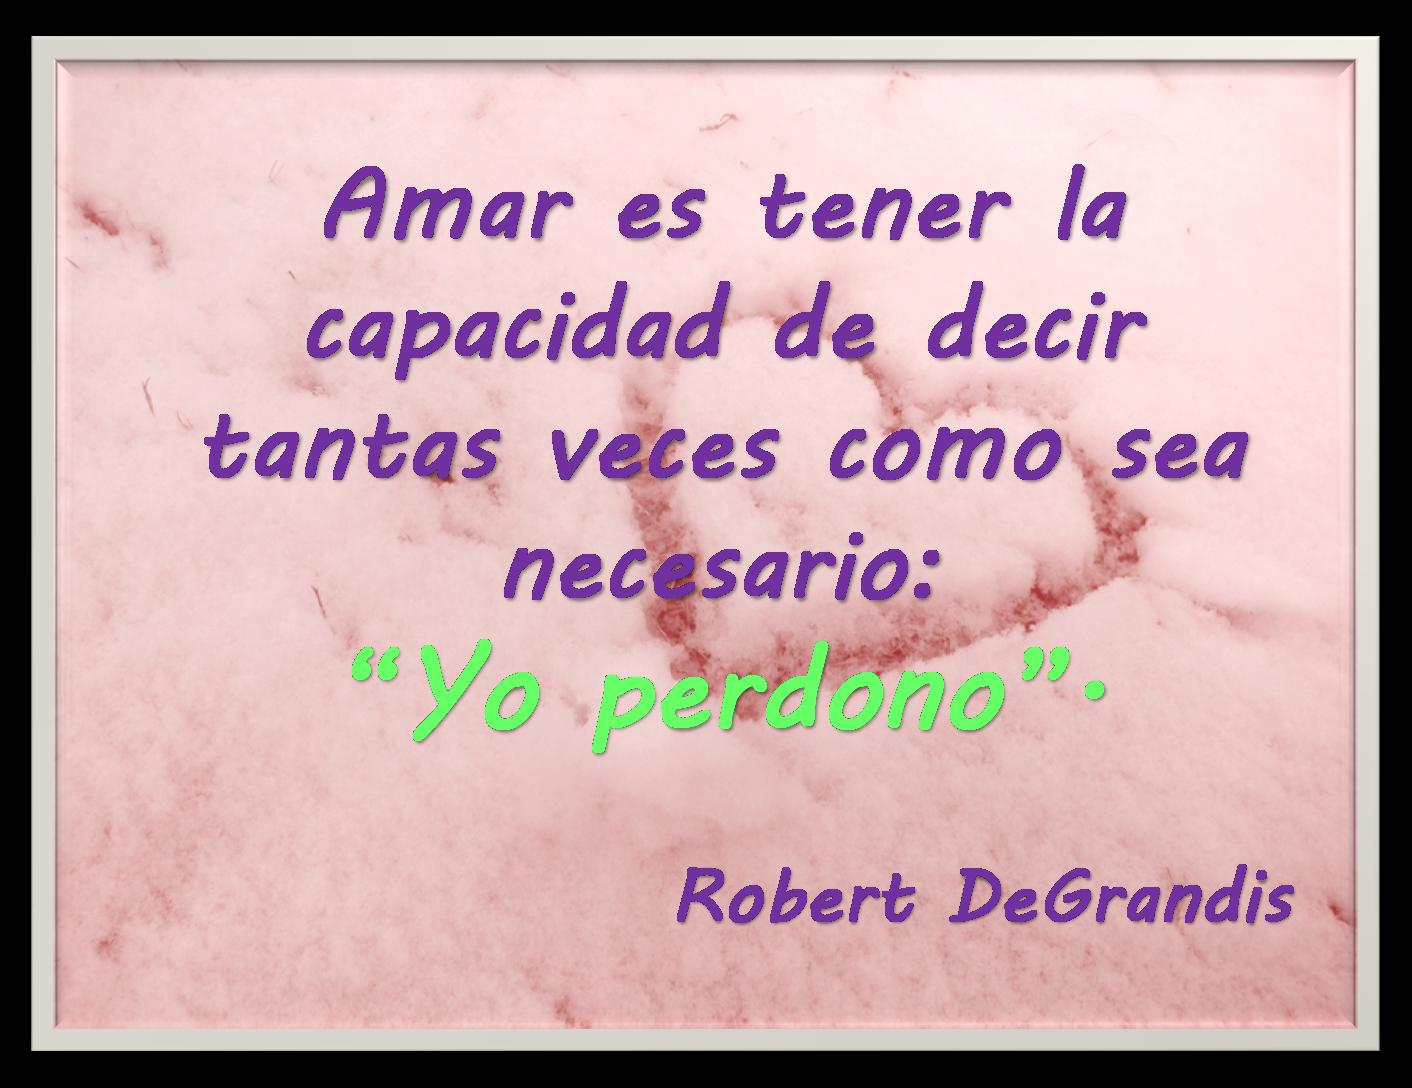 Lecciones Para Amar Perd N Oraci N Para La Sanaci N Interior Del Rv Robert Degrandis